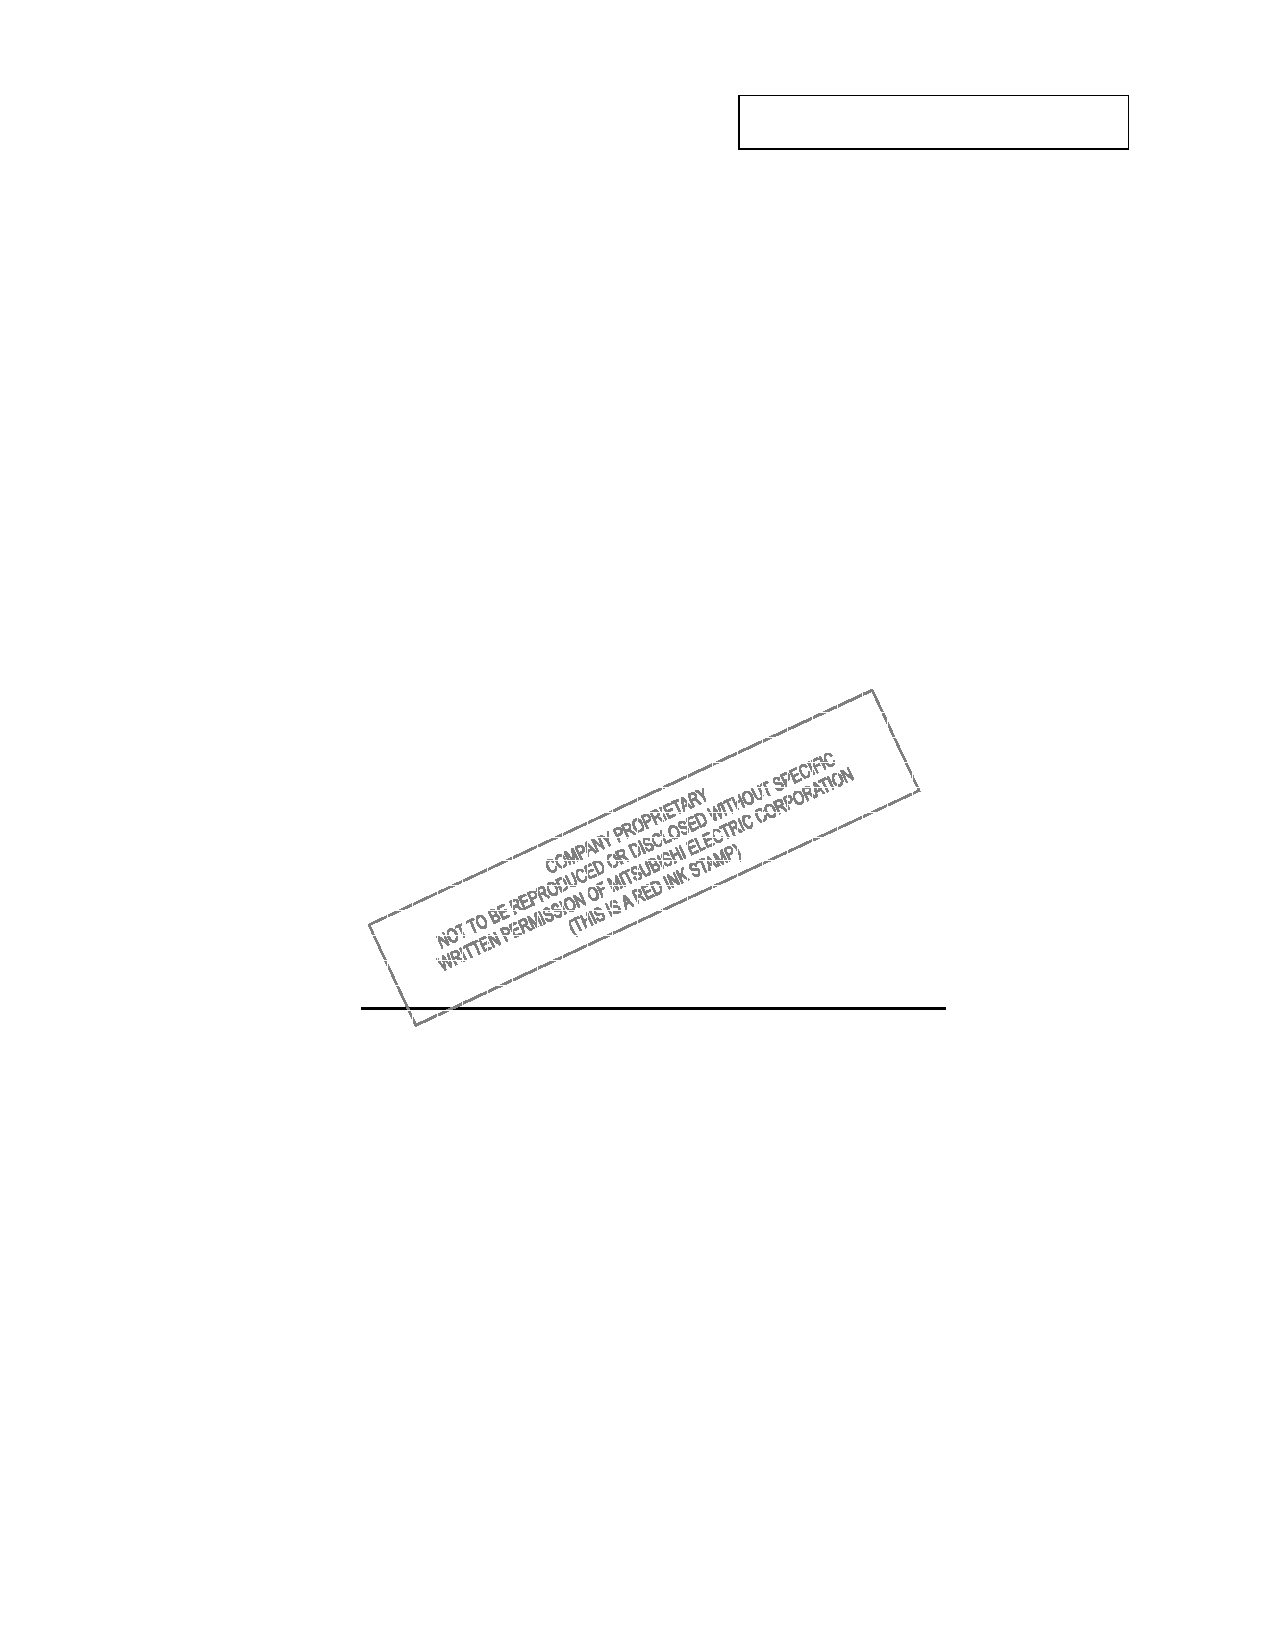 T-55226D043J-LW-A-AAN datasheet